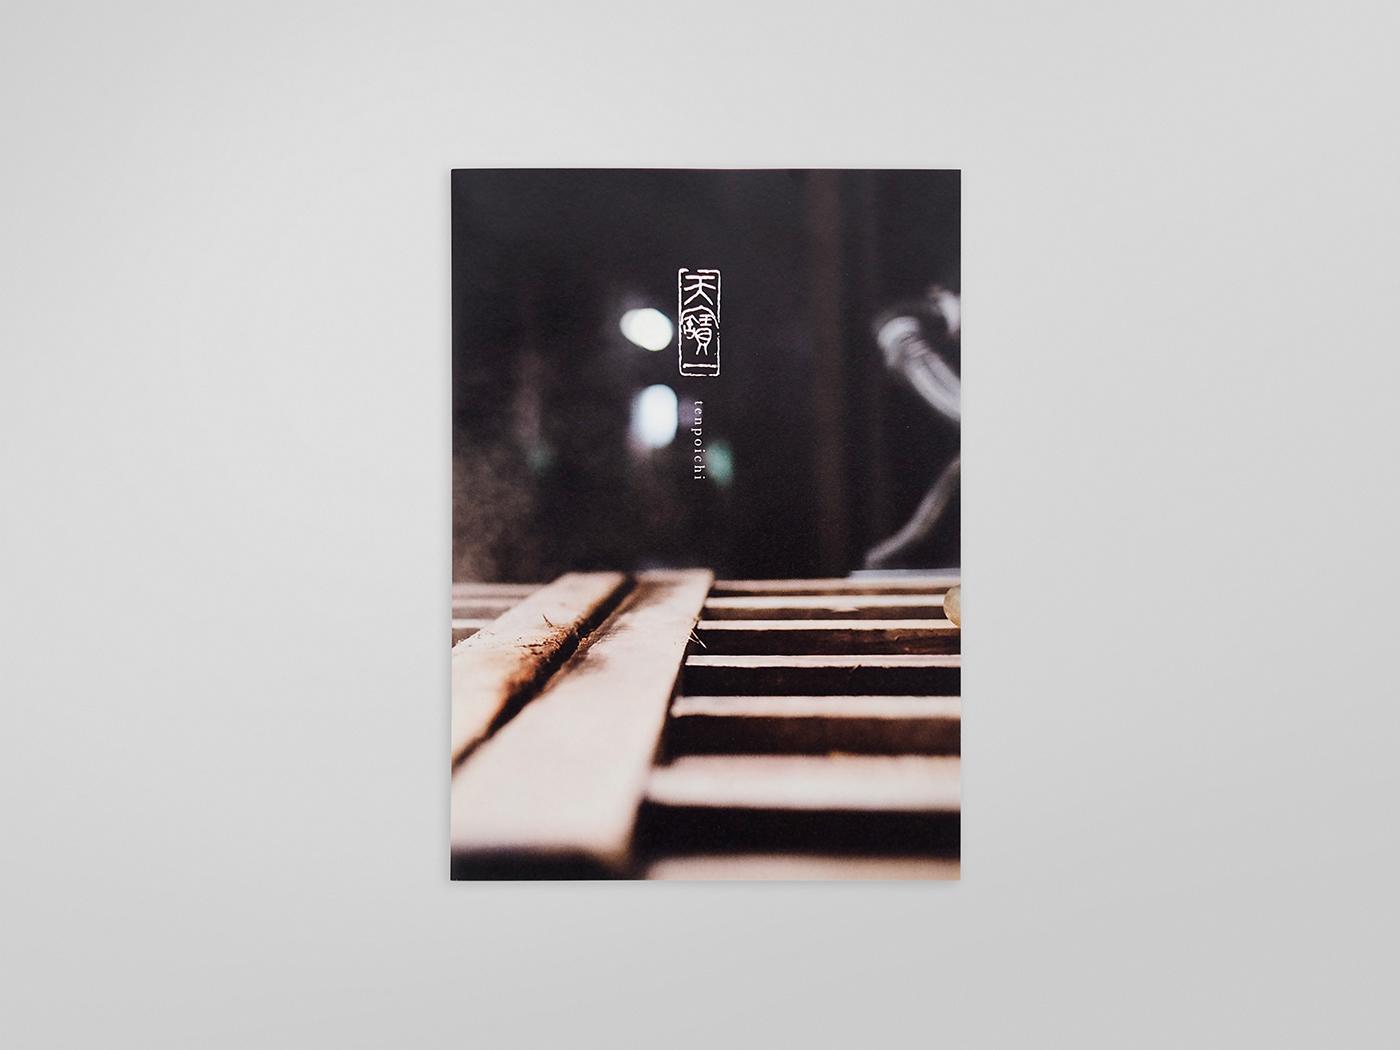 Image may contain: piano